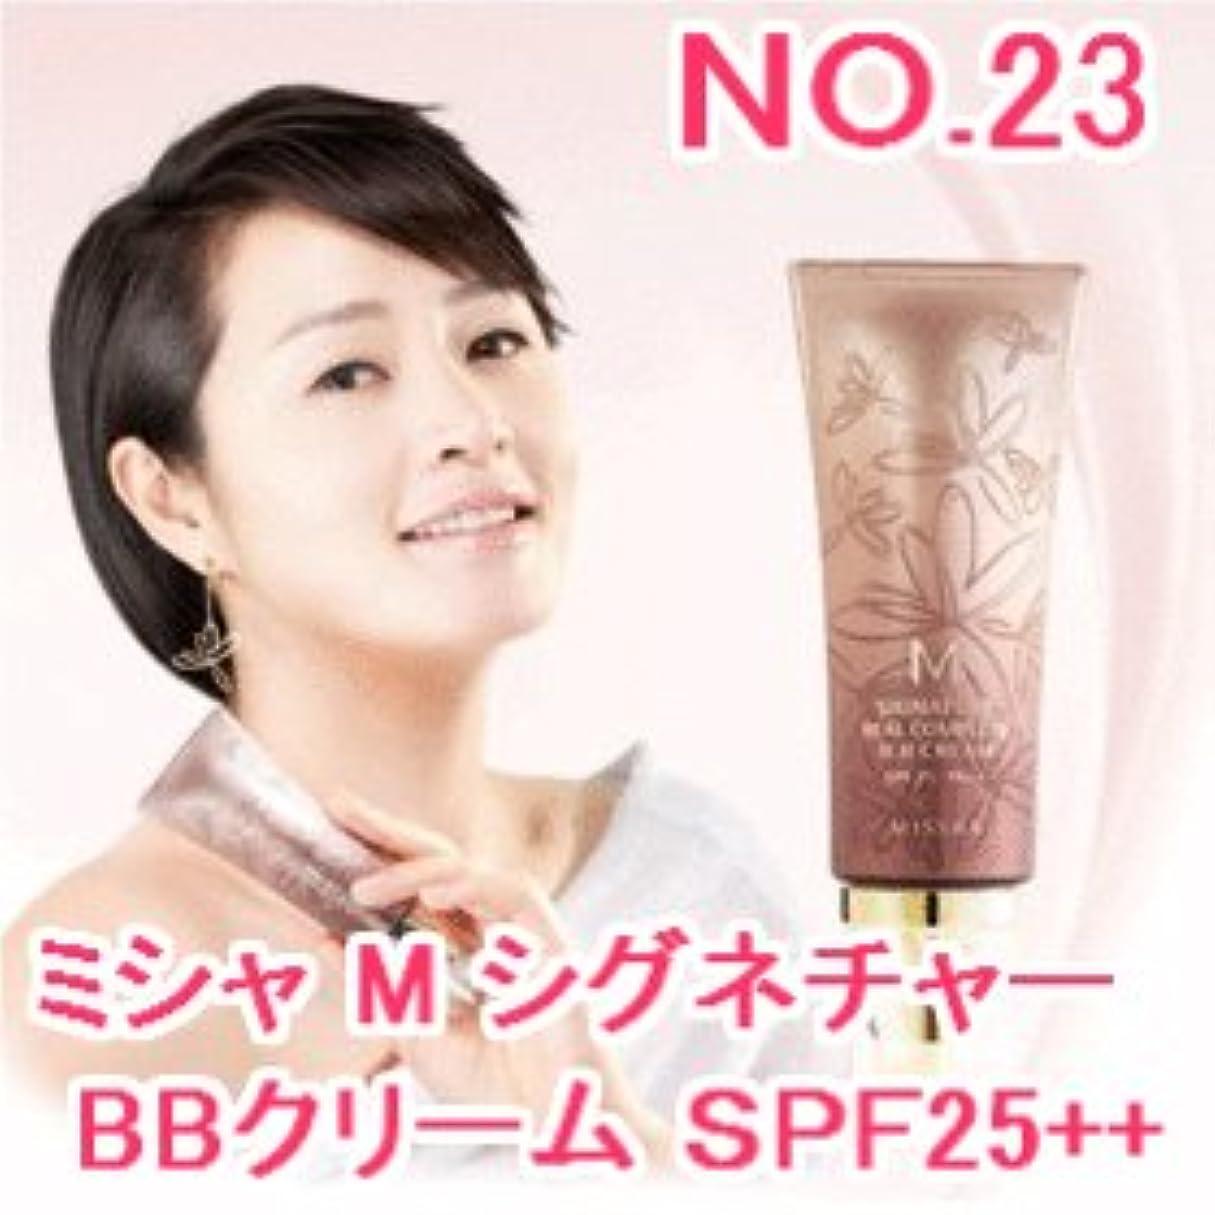 支店チロ自由NO.23 ミシャ M シグネチャー リアルコンプリート BBクリーム SPF25 PA++